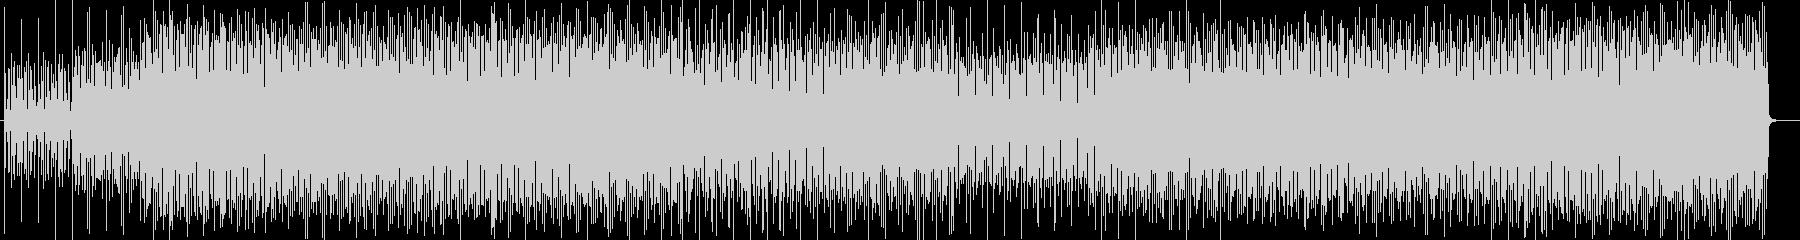 ファンキーなシンセサイザーサウンドの未再生の波形